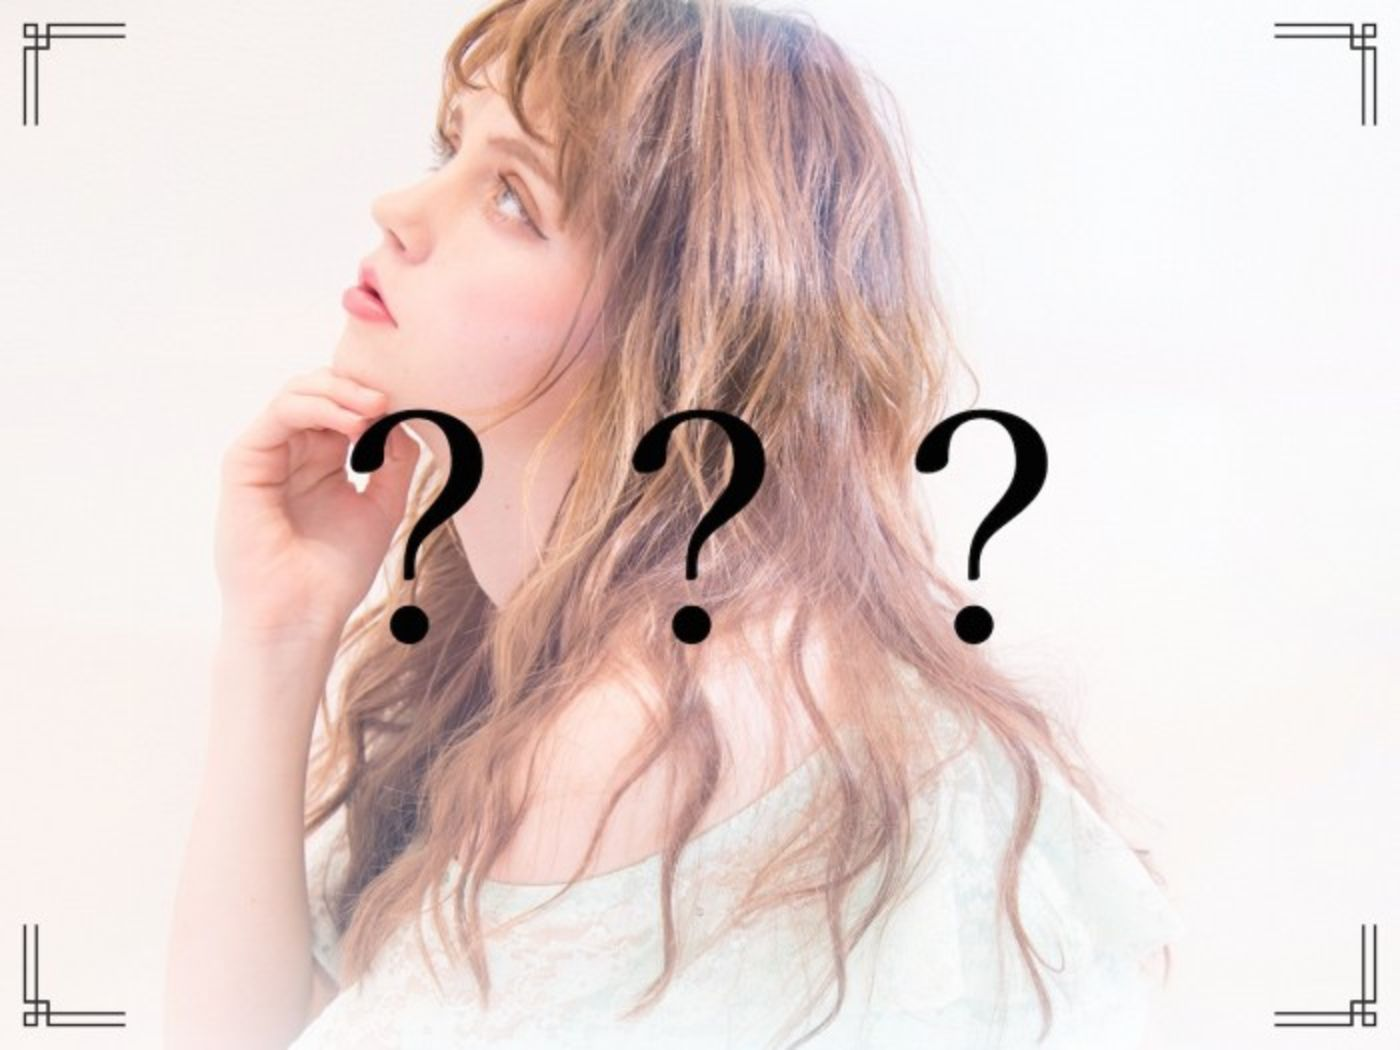 """""""イルミナカラー""""って普通のカラーと何が違うの??"""